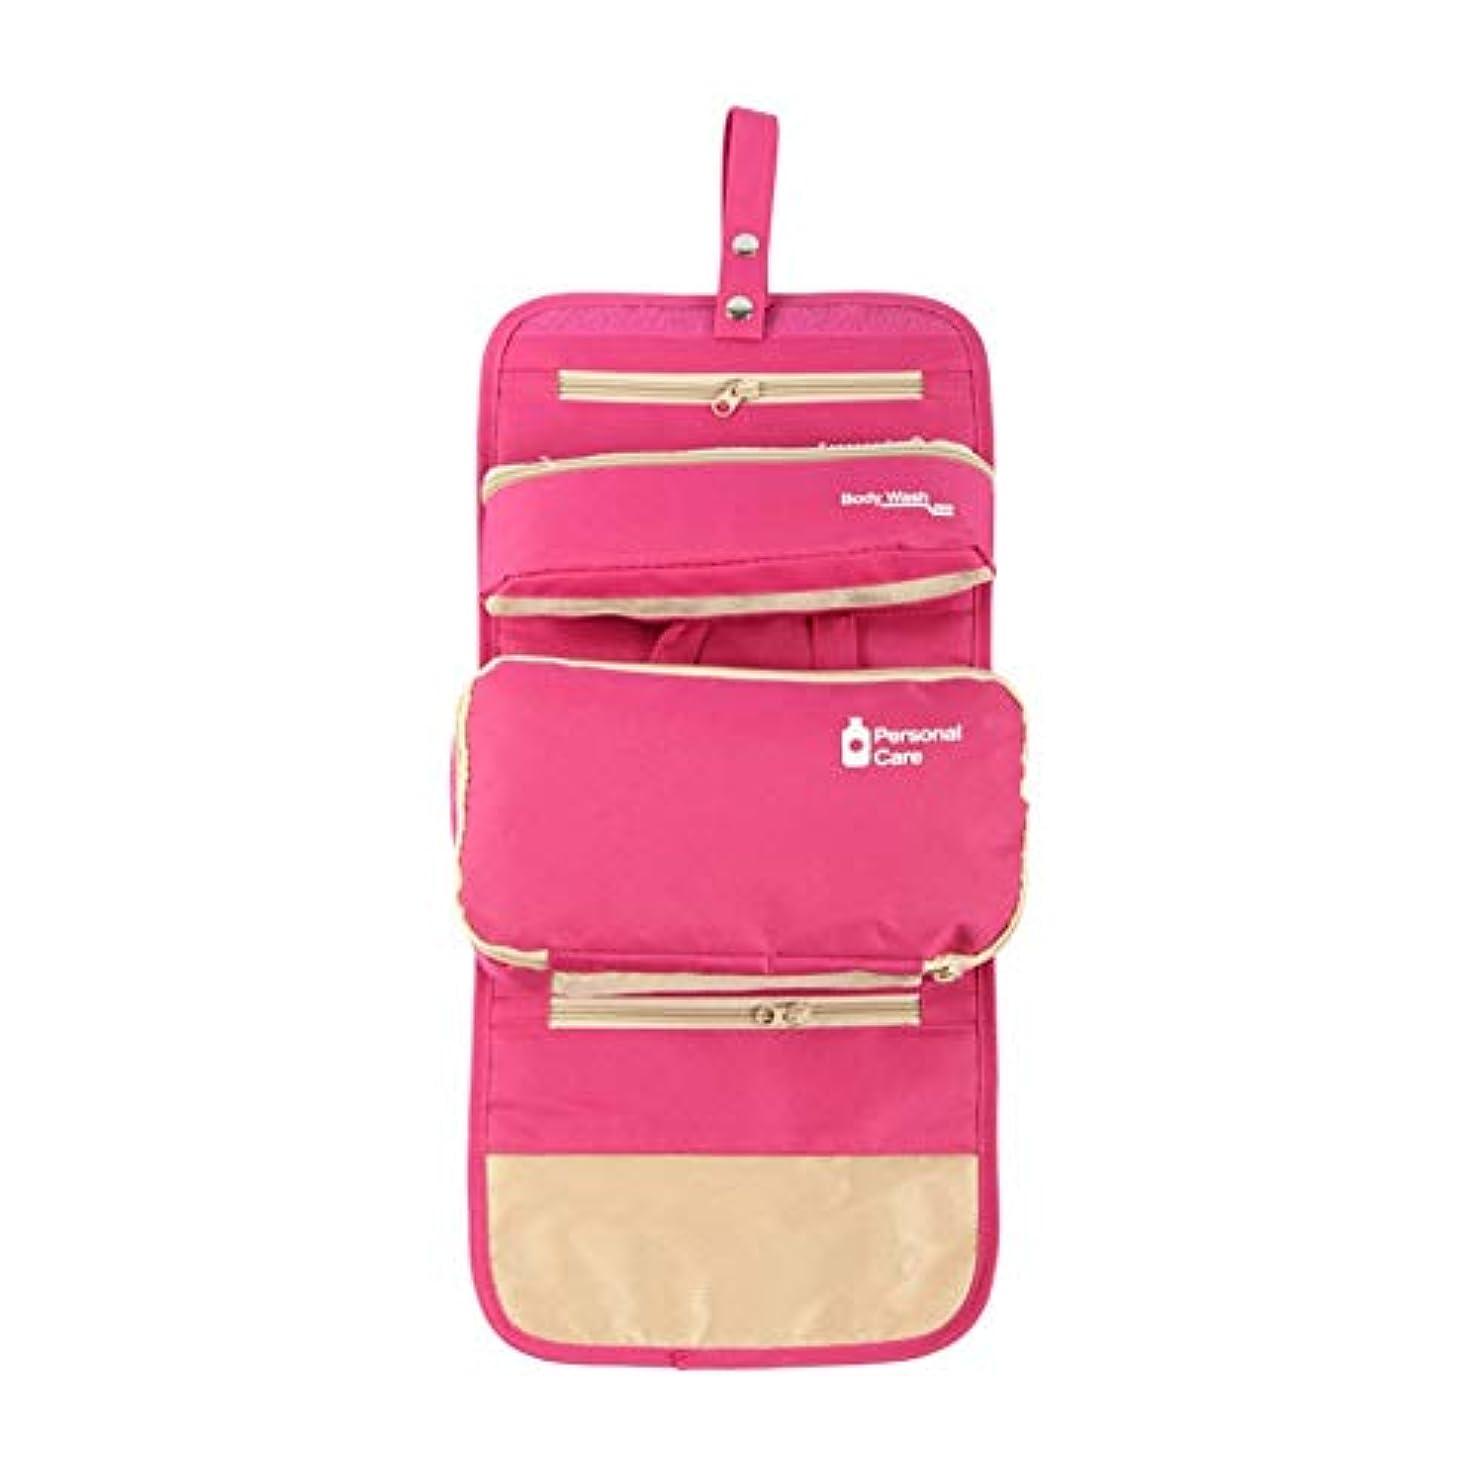 メンタリティ分配しますバンジョー特大スペース収納ビューティーボックス 女の子の女性旅行のための新しく、実用的な携帯用化粧箱およびロックおよび皿が付いている毎日の貯蔵 化粧品化粧台 (色 : ピンク)